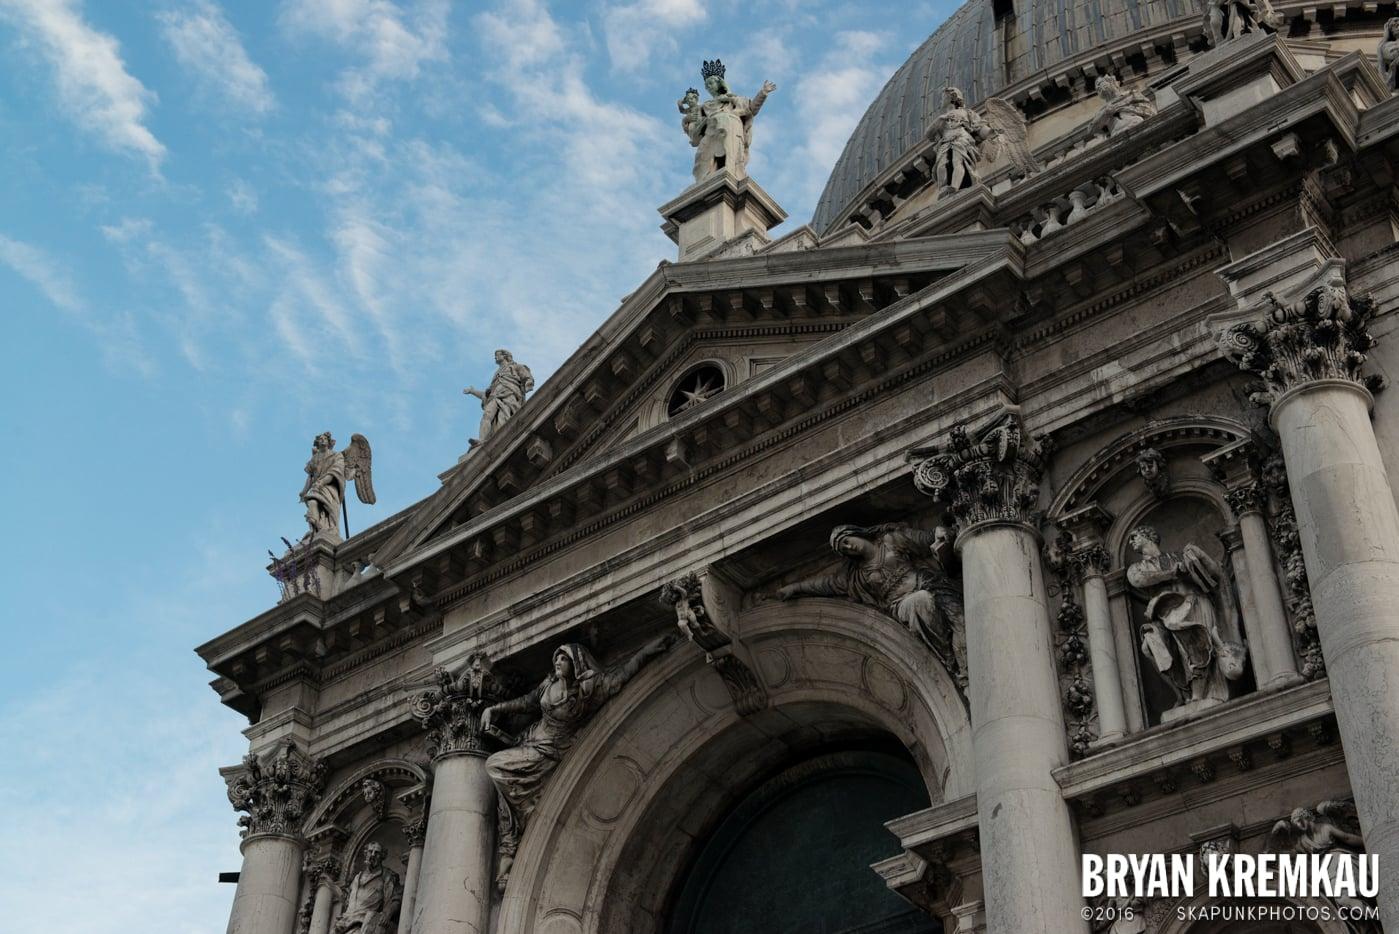 Italy Vacation - Day 4: Venice - 9.12.13 (8)